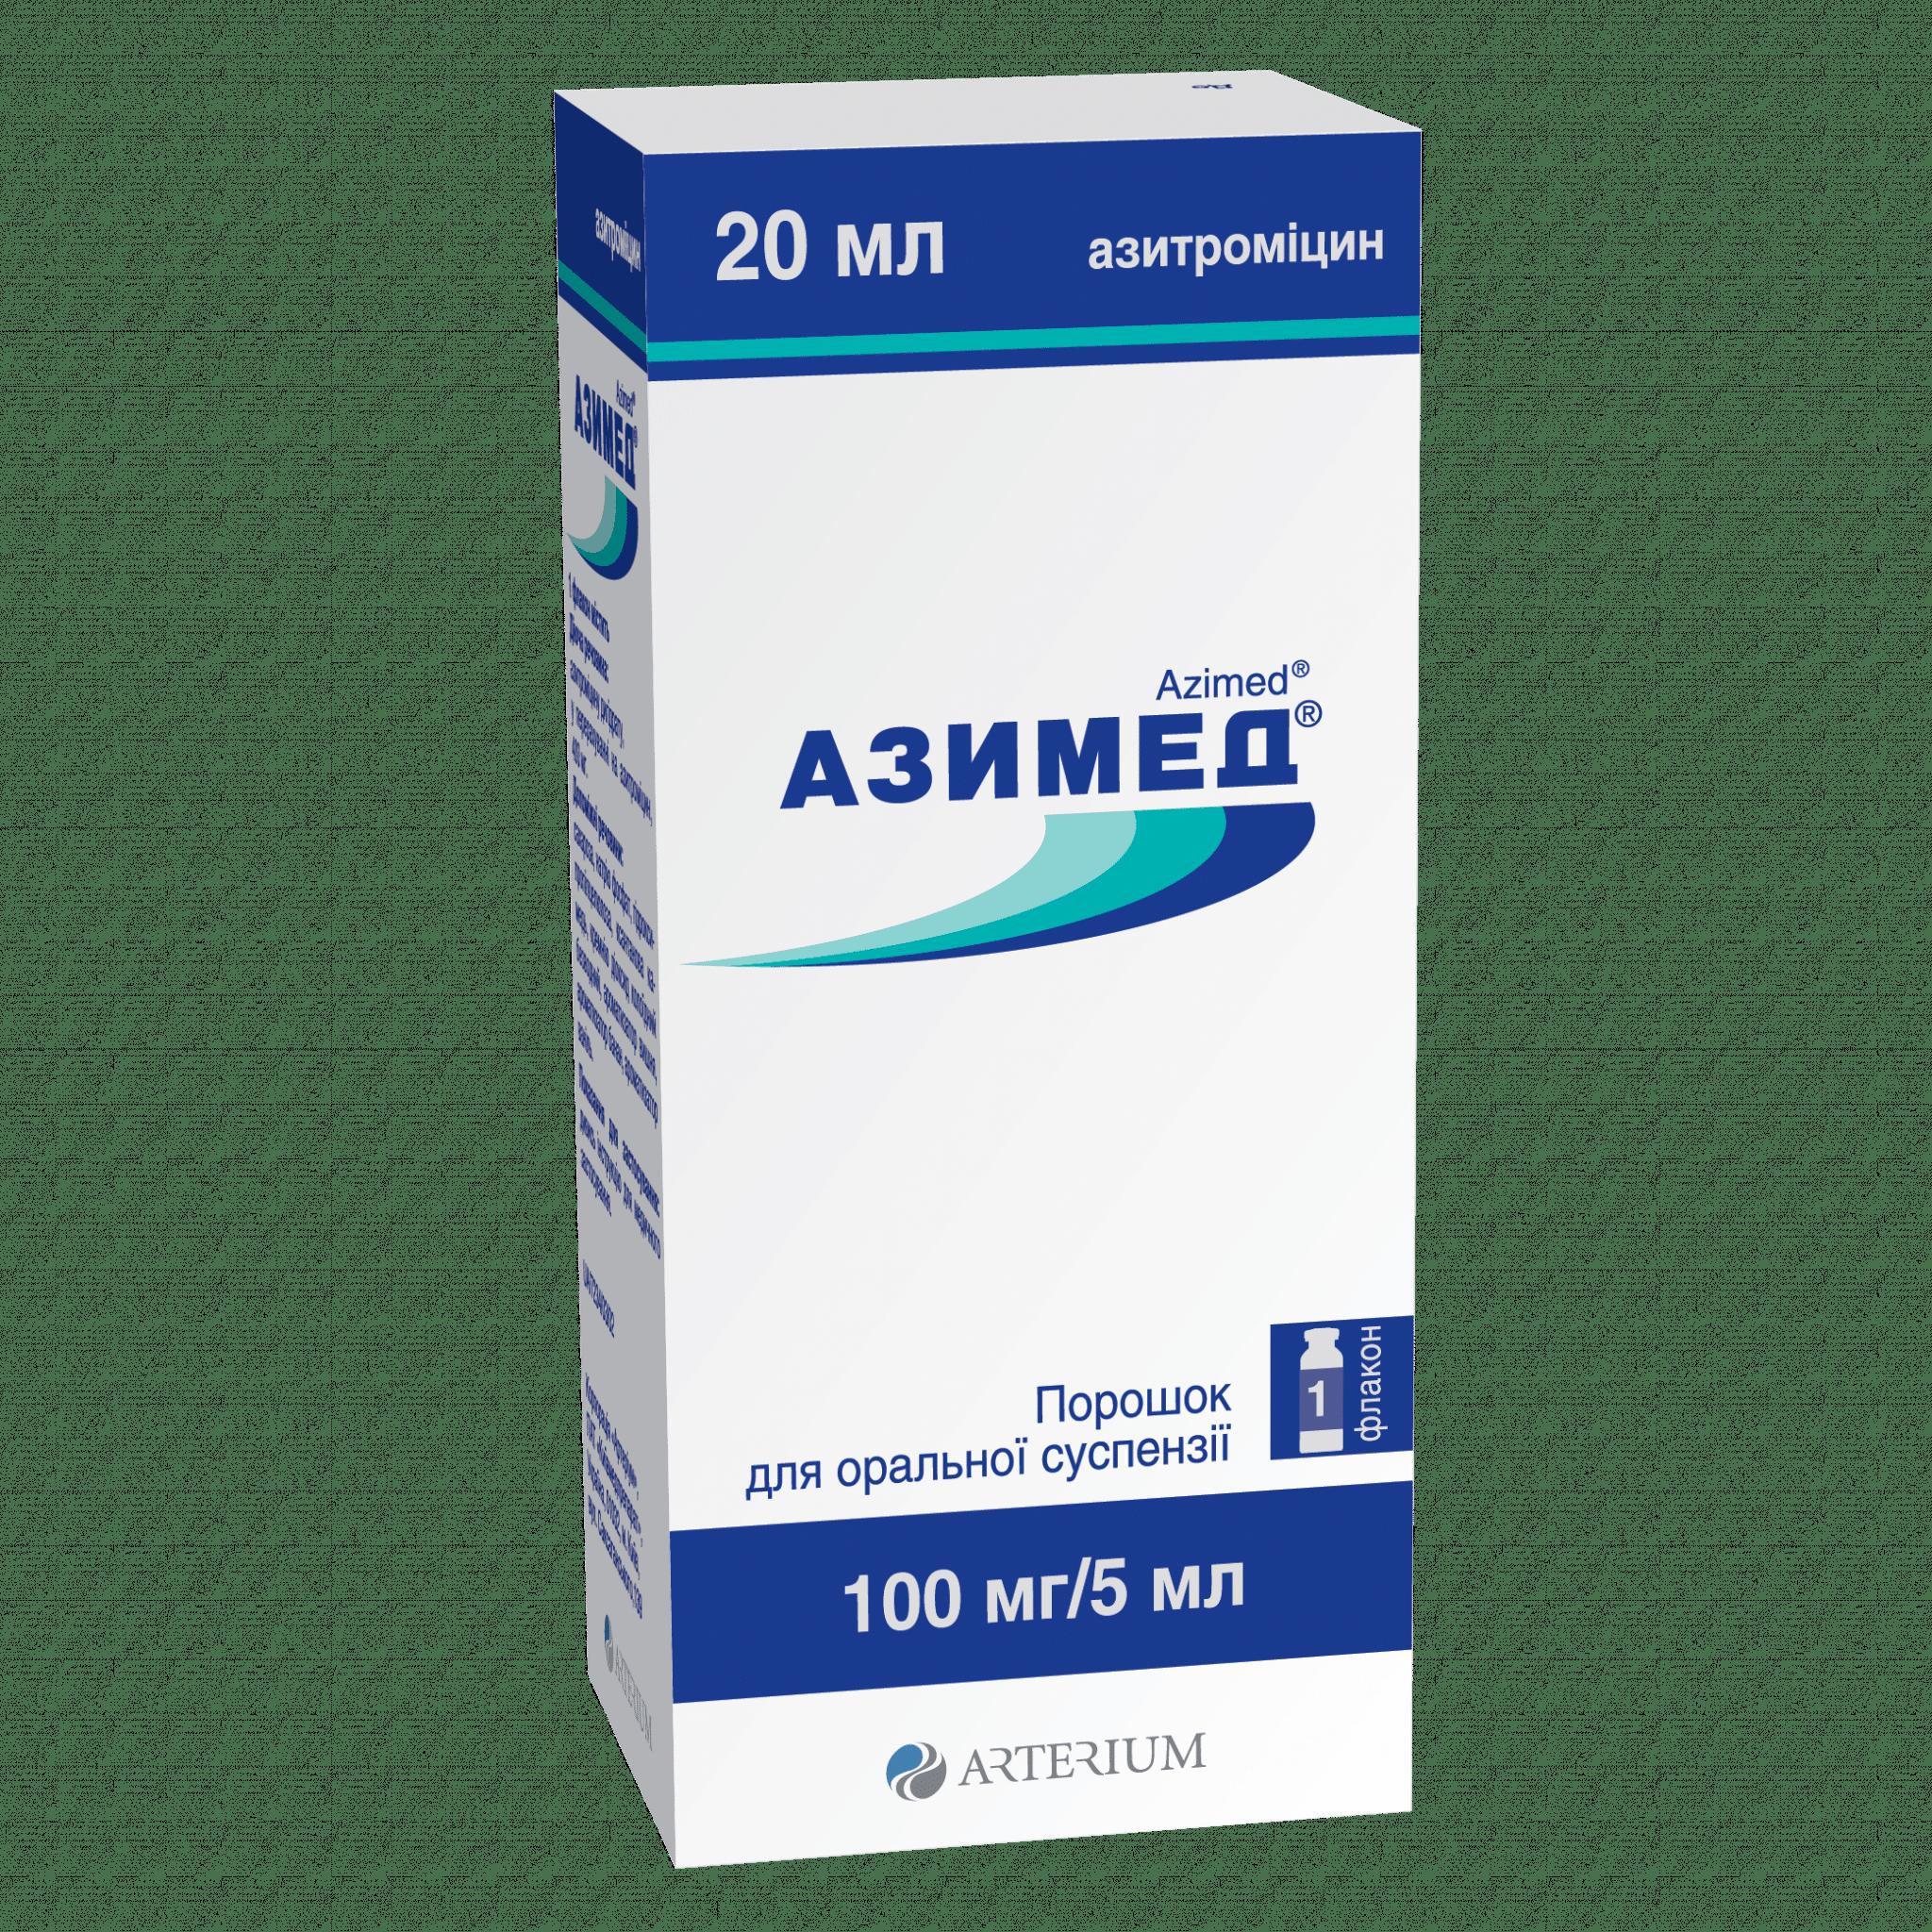 Azimed (azithromycin) powder for suspension 100 mg/5 ml. 20 ml. vial